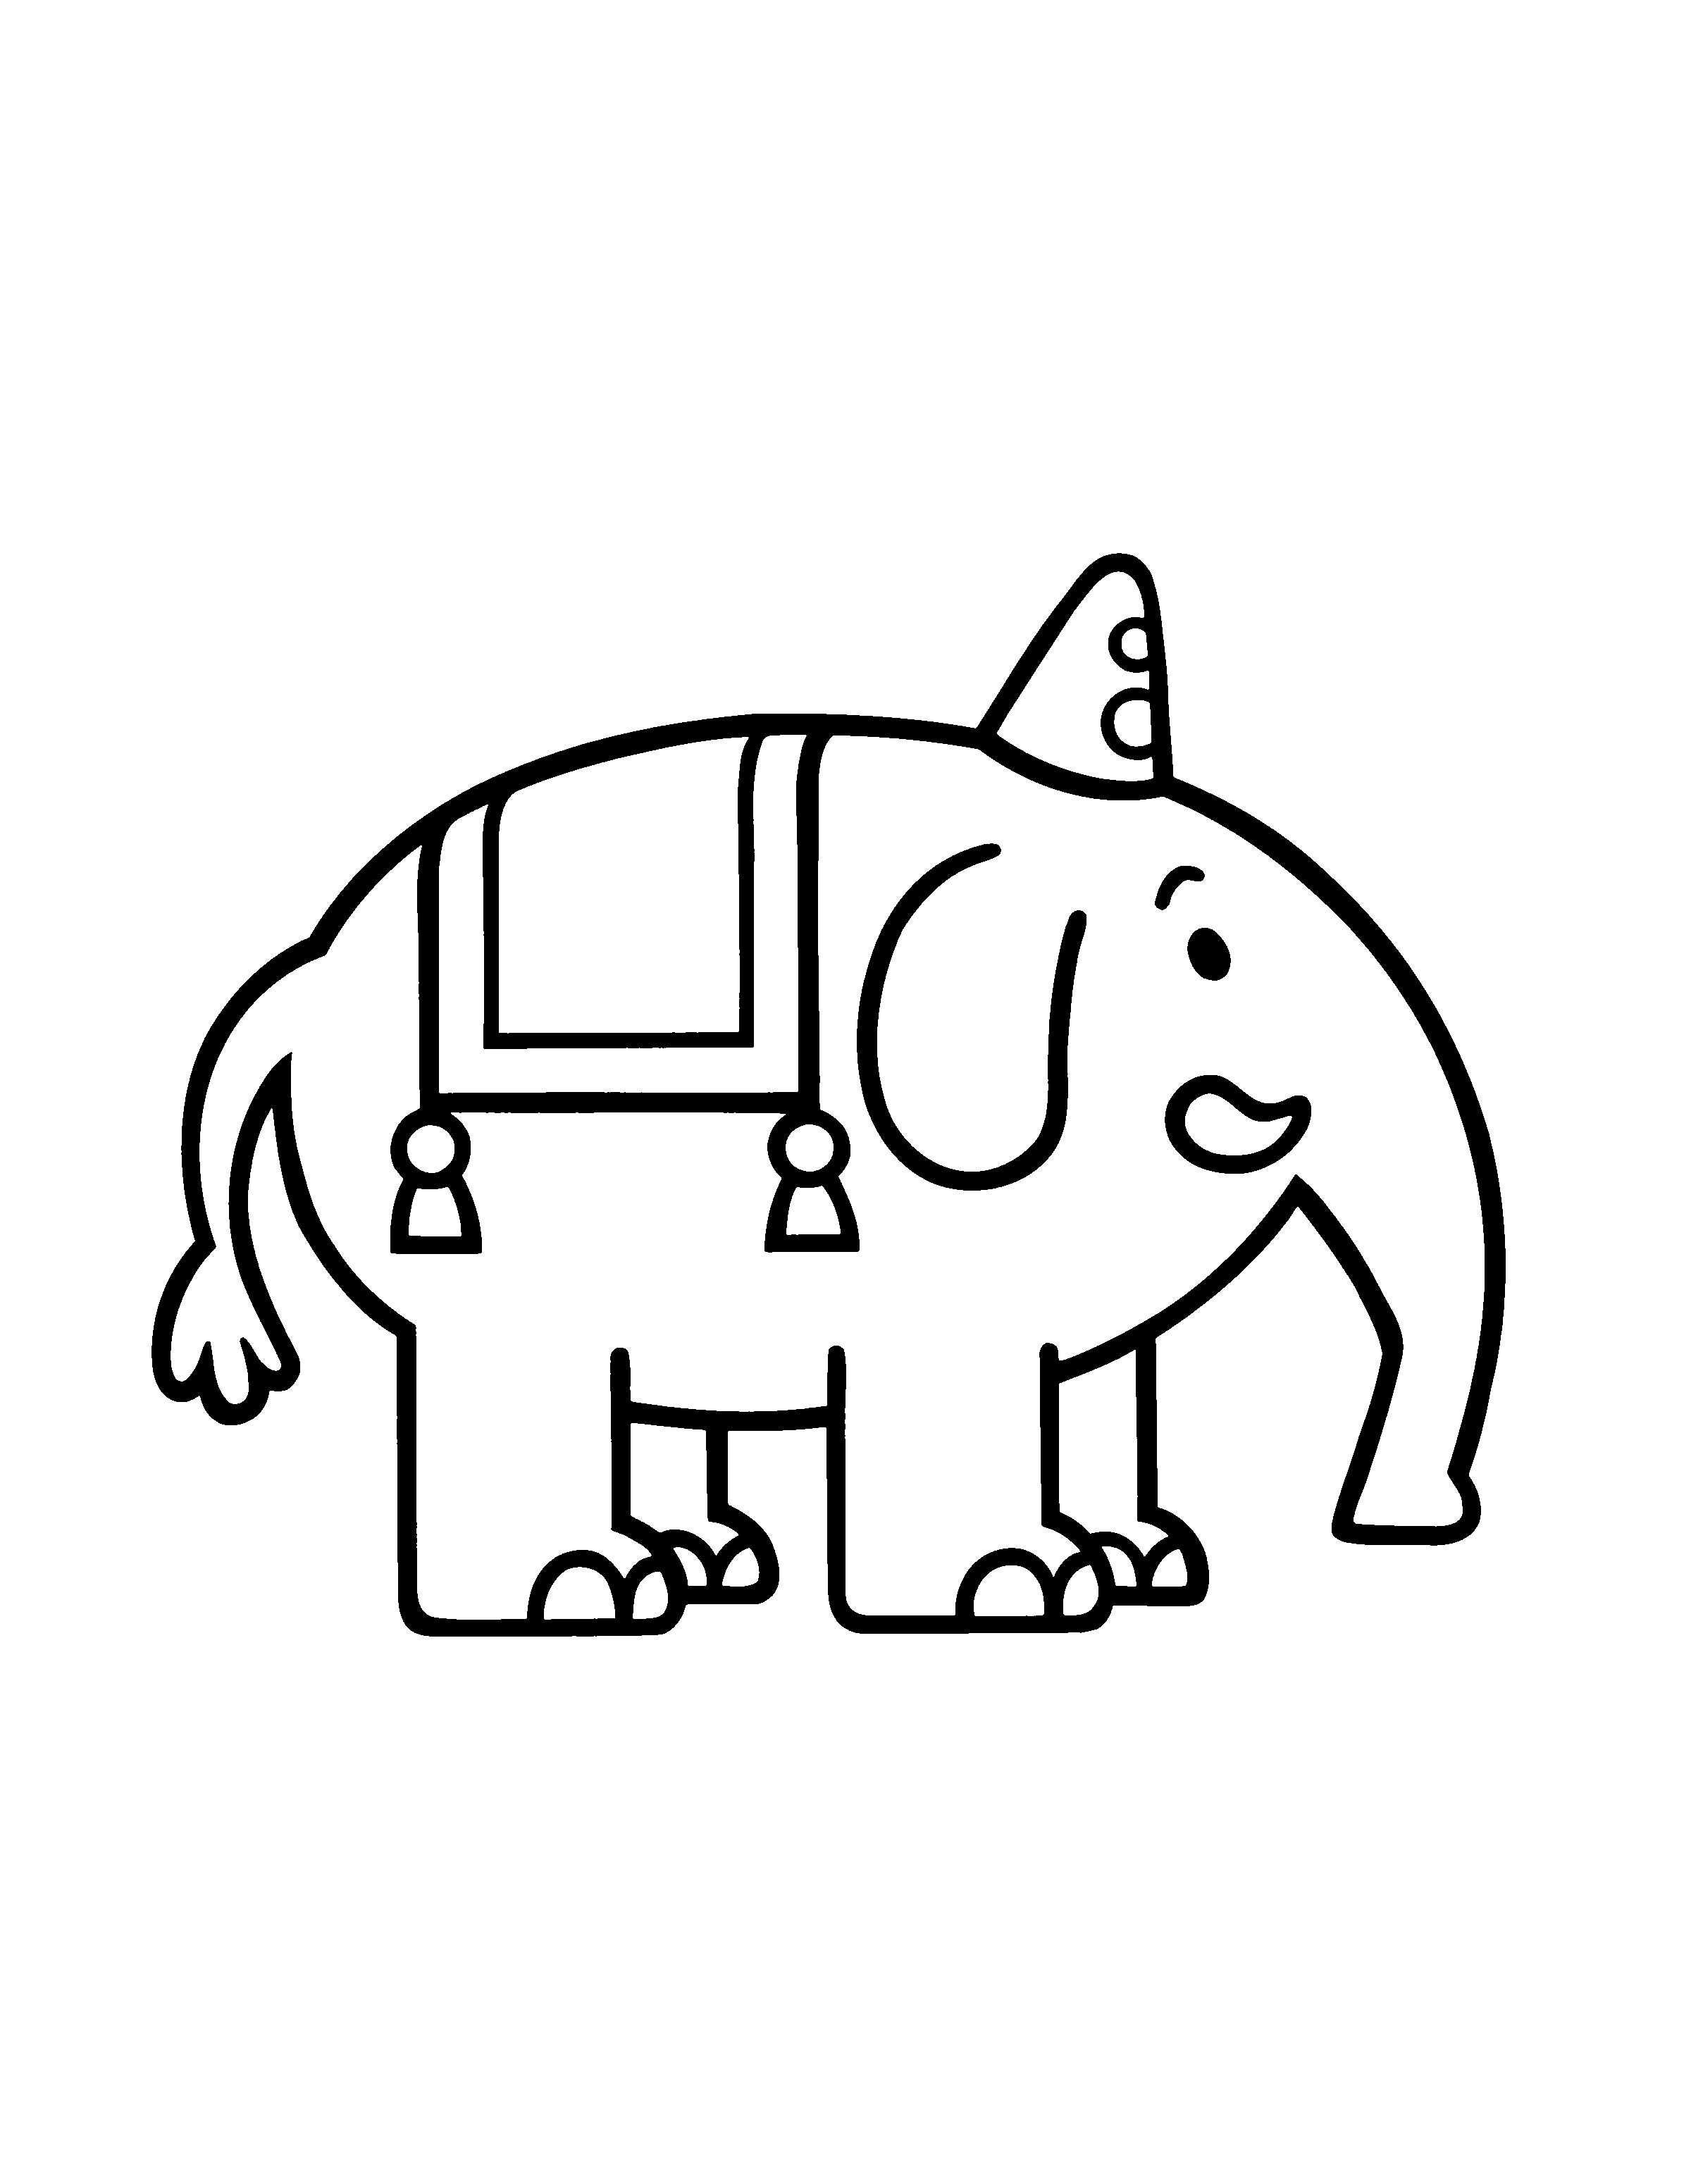 Bumba Kleurplaten 20 Dibujos Dibujos Faciles Para Dibujar Y